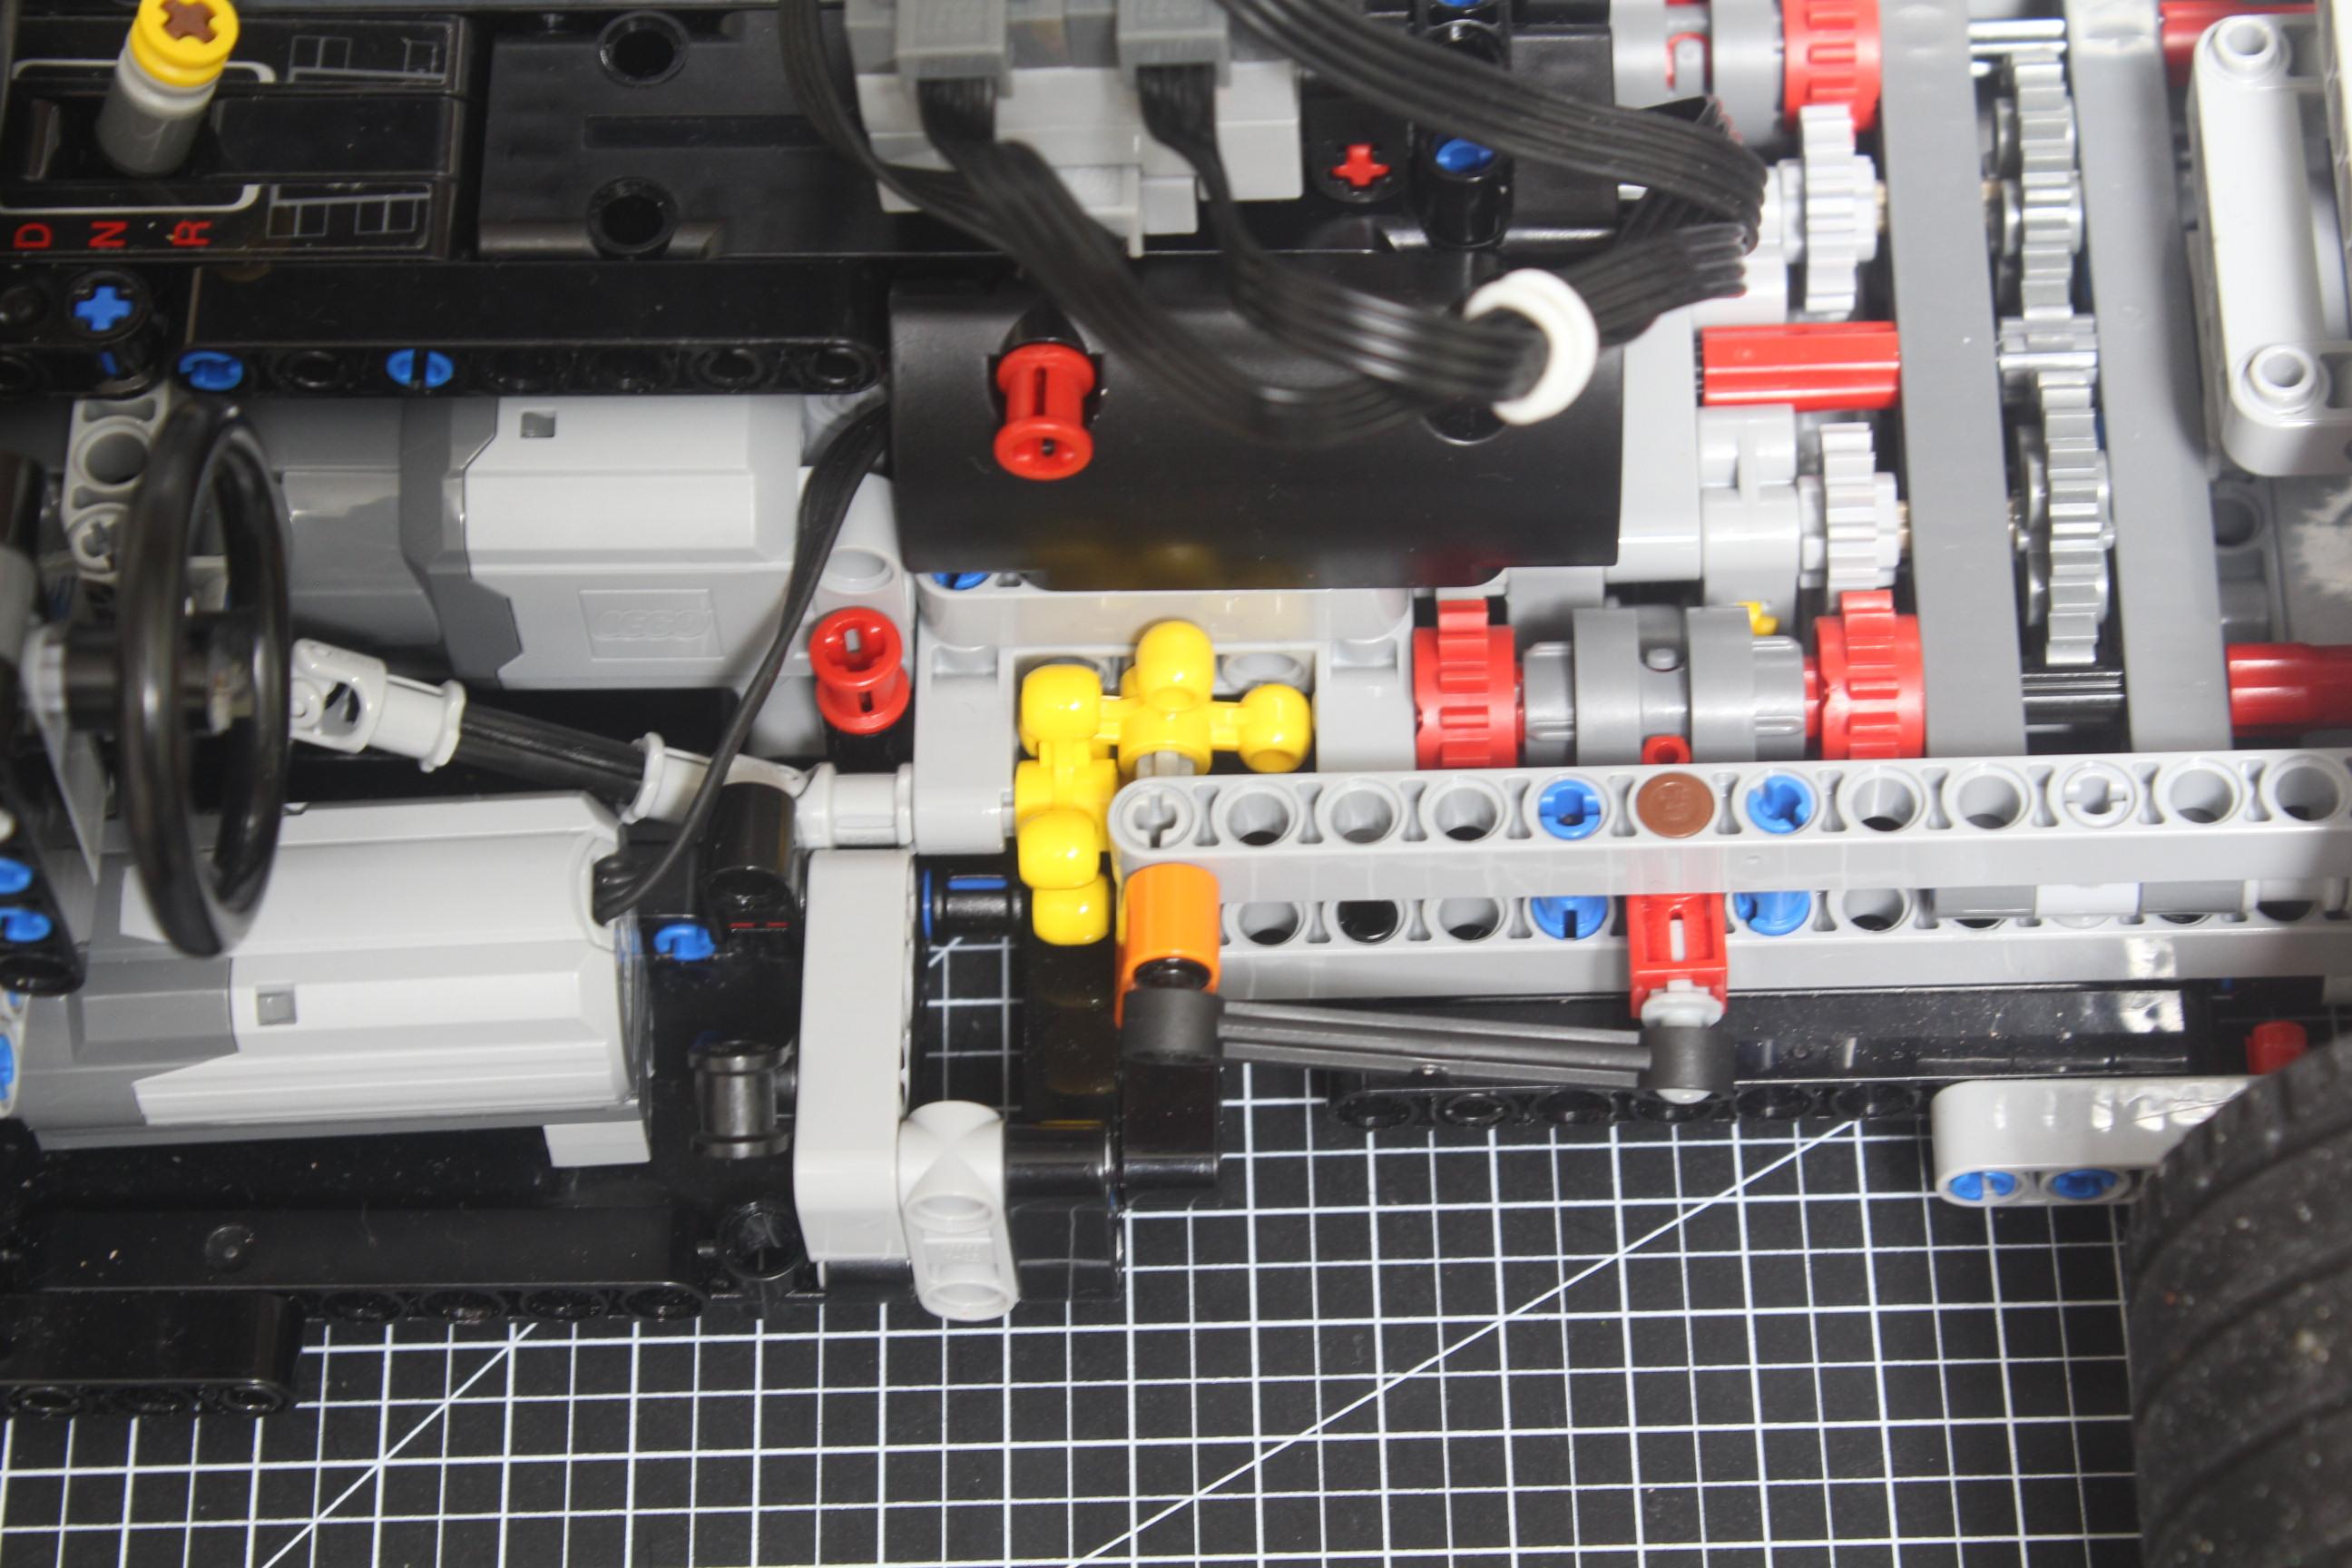 lego 42056 motorized instructions